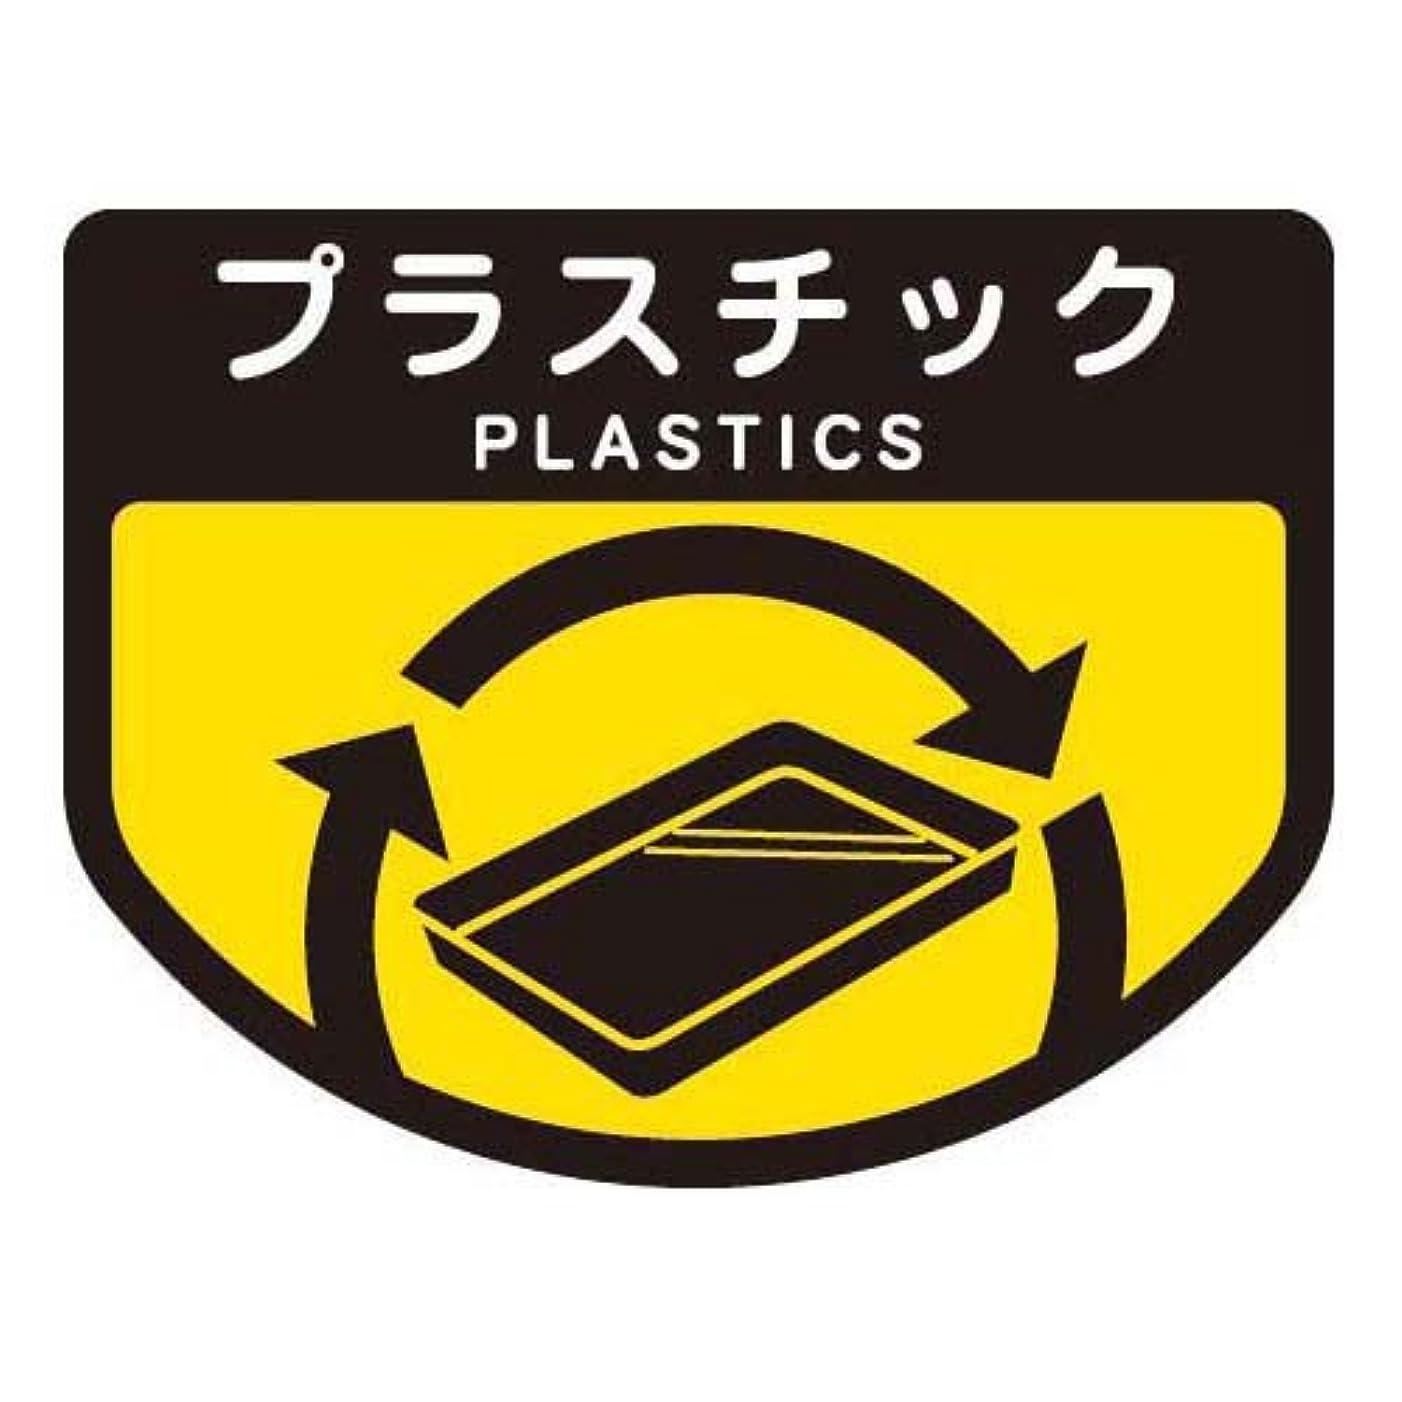 受け入れ戸惑う検査山崎産業 分別シールA プラスチック